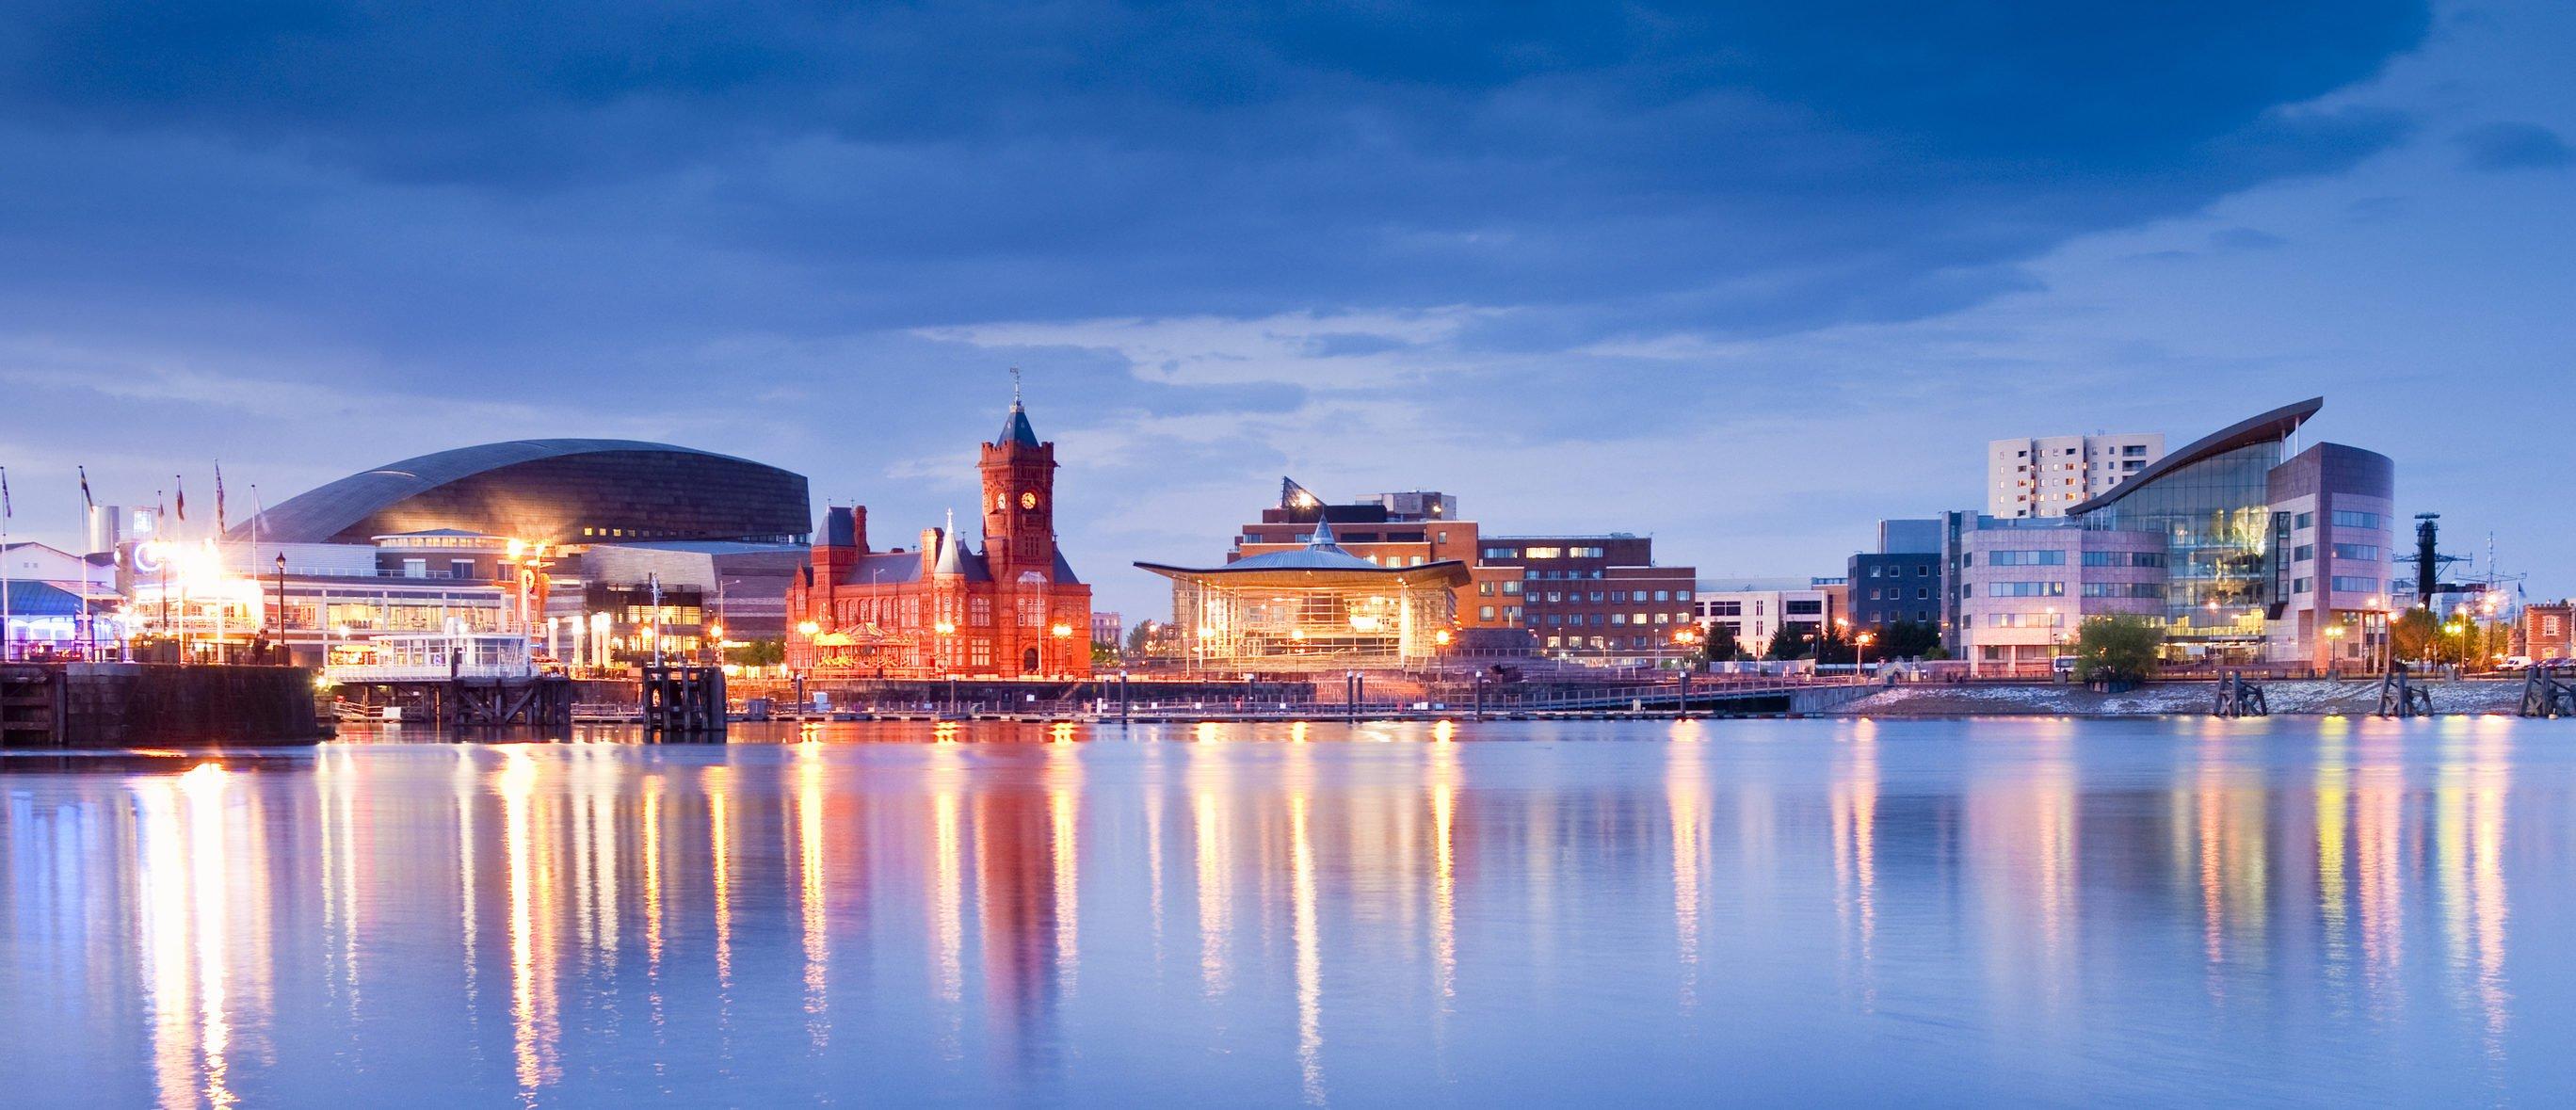 Imagini pentru Cardiff